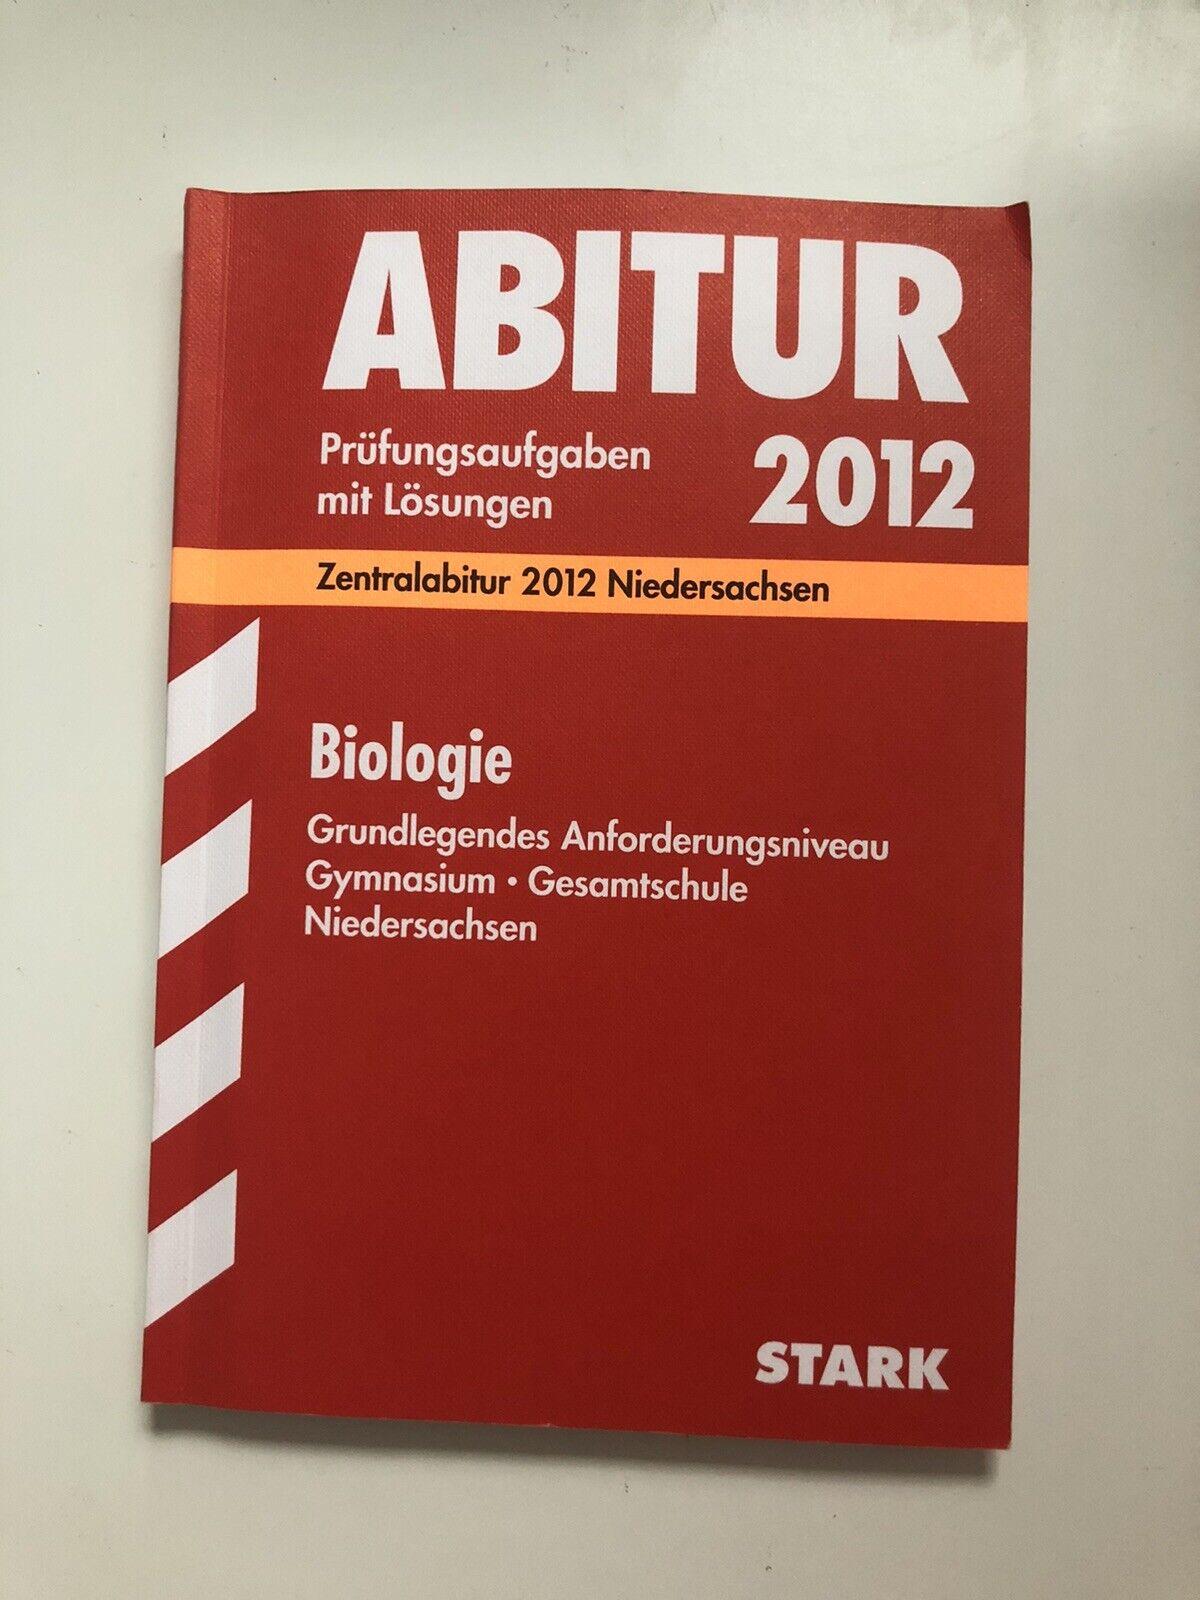 Abitur 2012 Prüfungsaufgaben mit Lösungen Zentralabitur Niedersachsen Stark